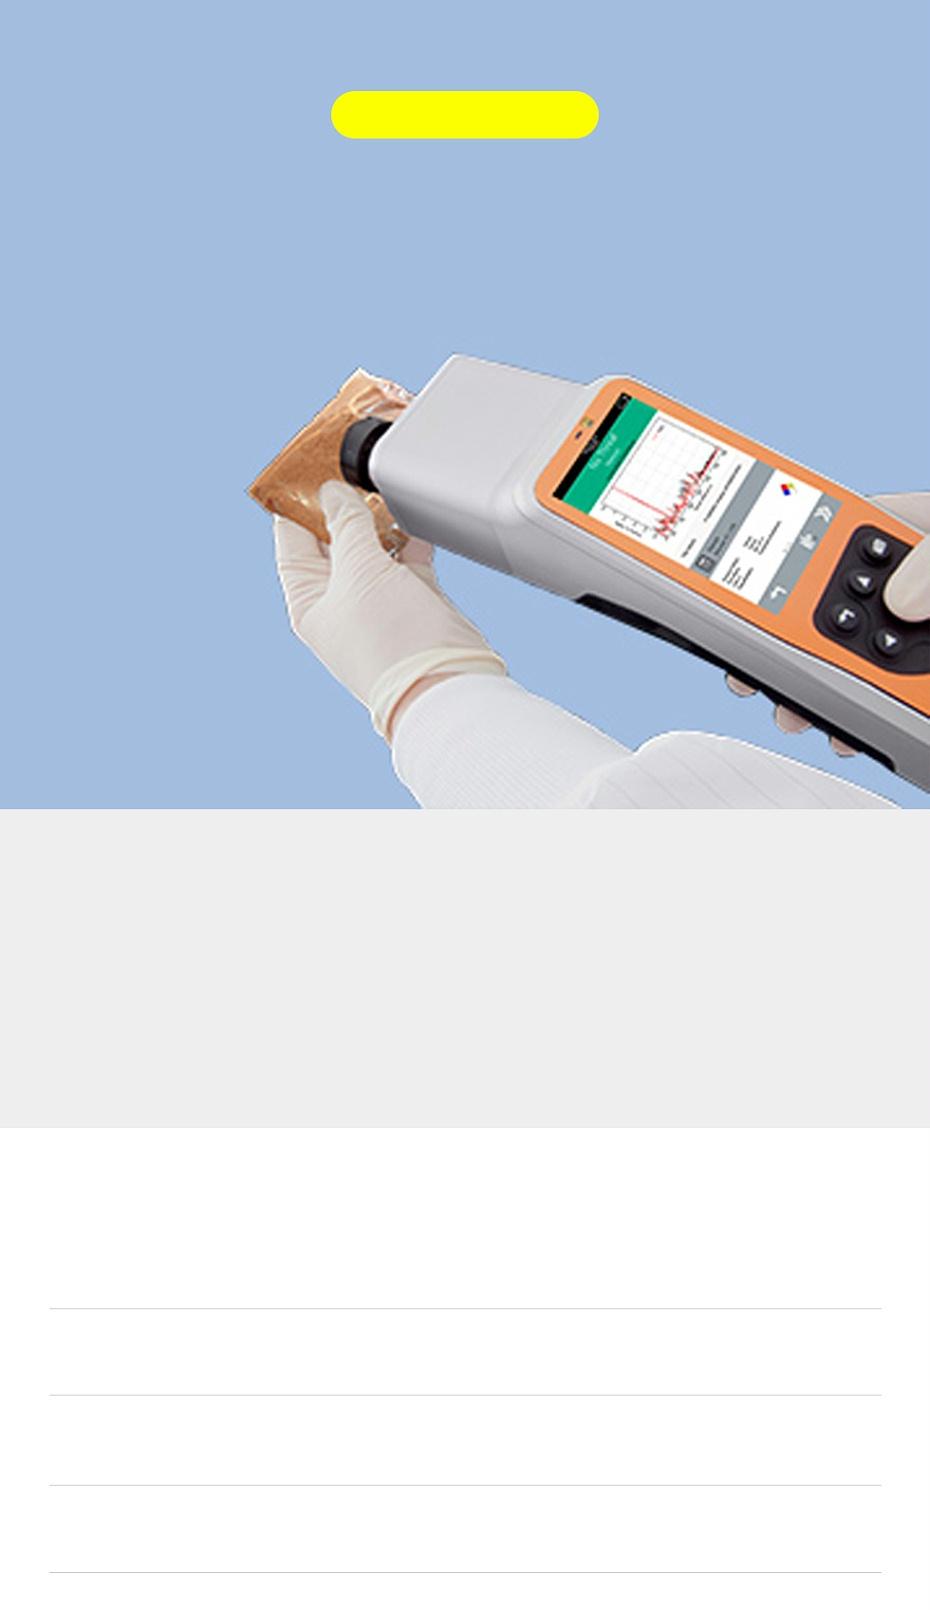 美国Progeny-ResQ毒品炸药化学品拉曼检测仪